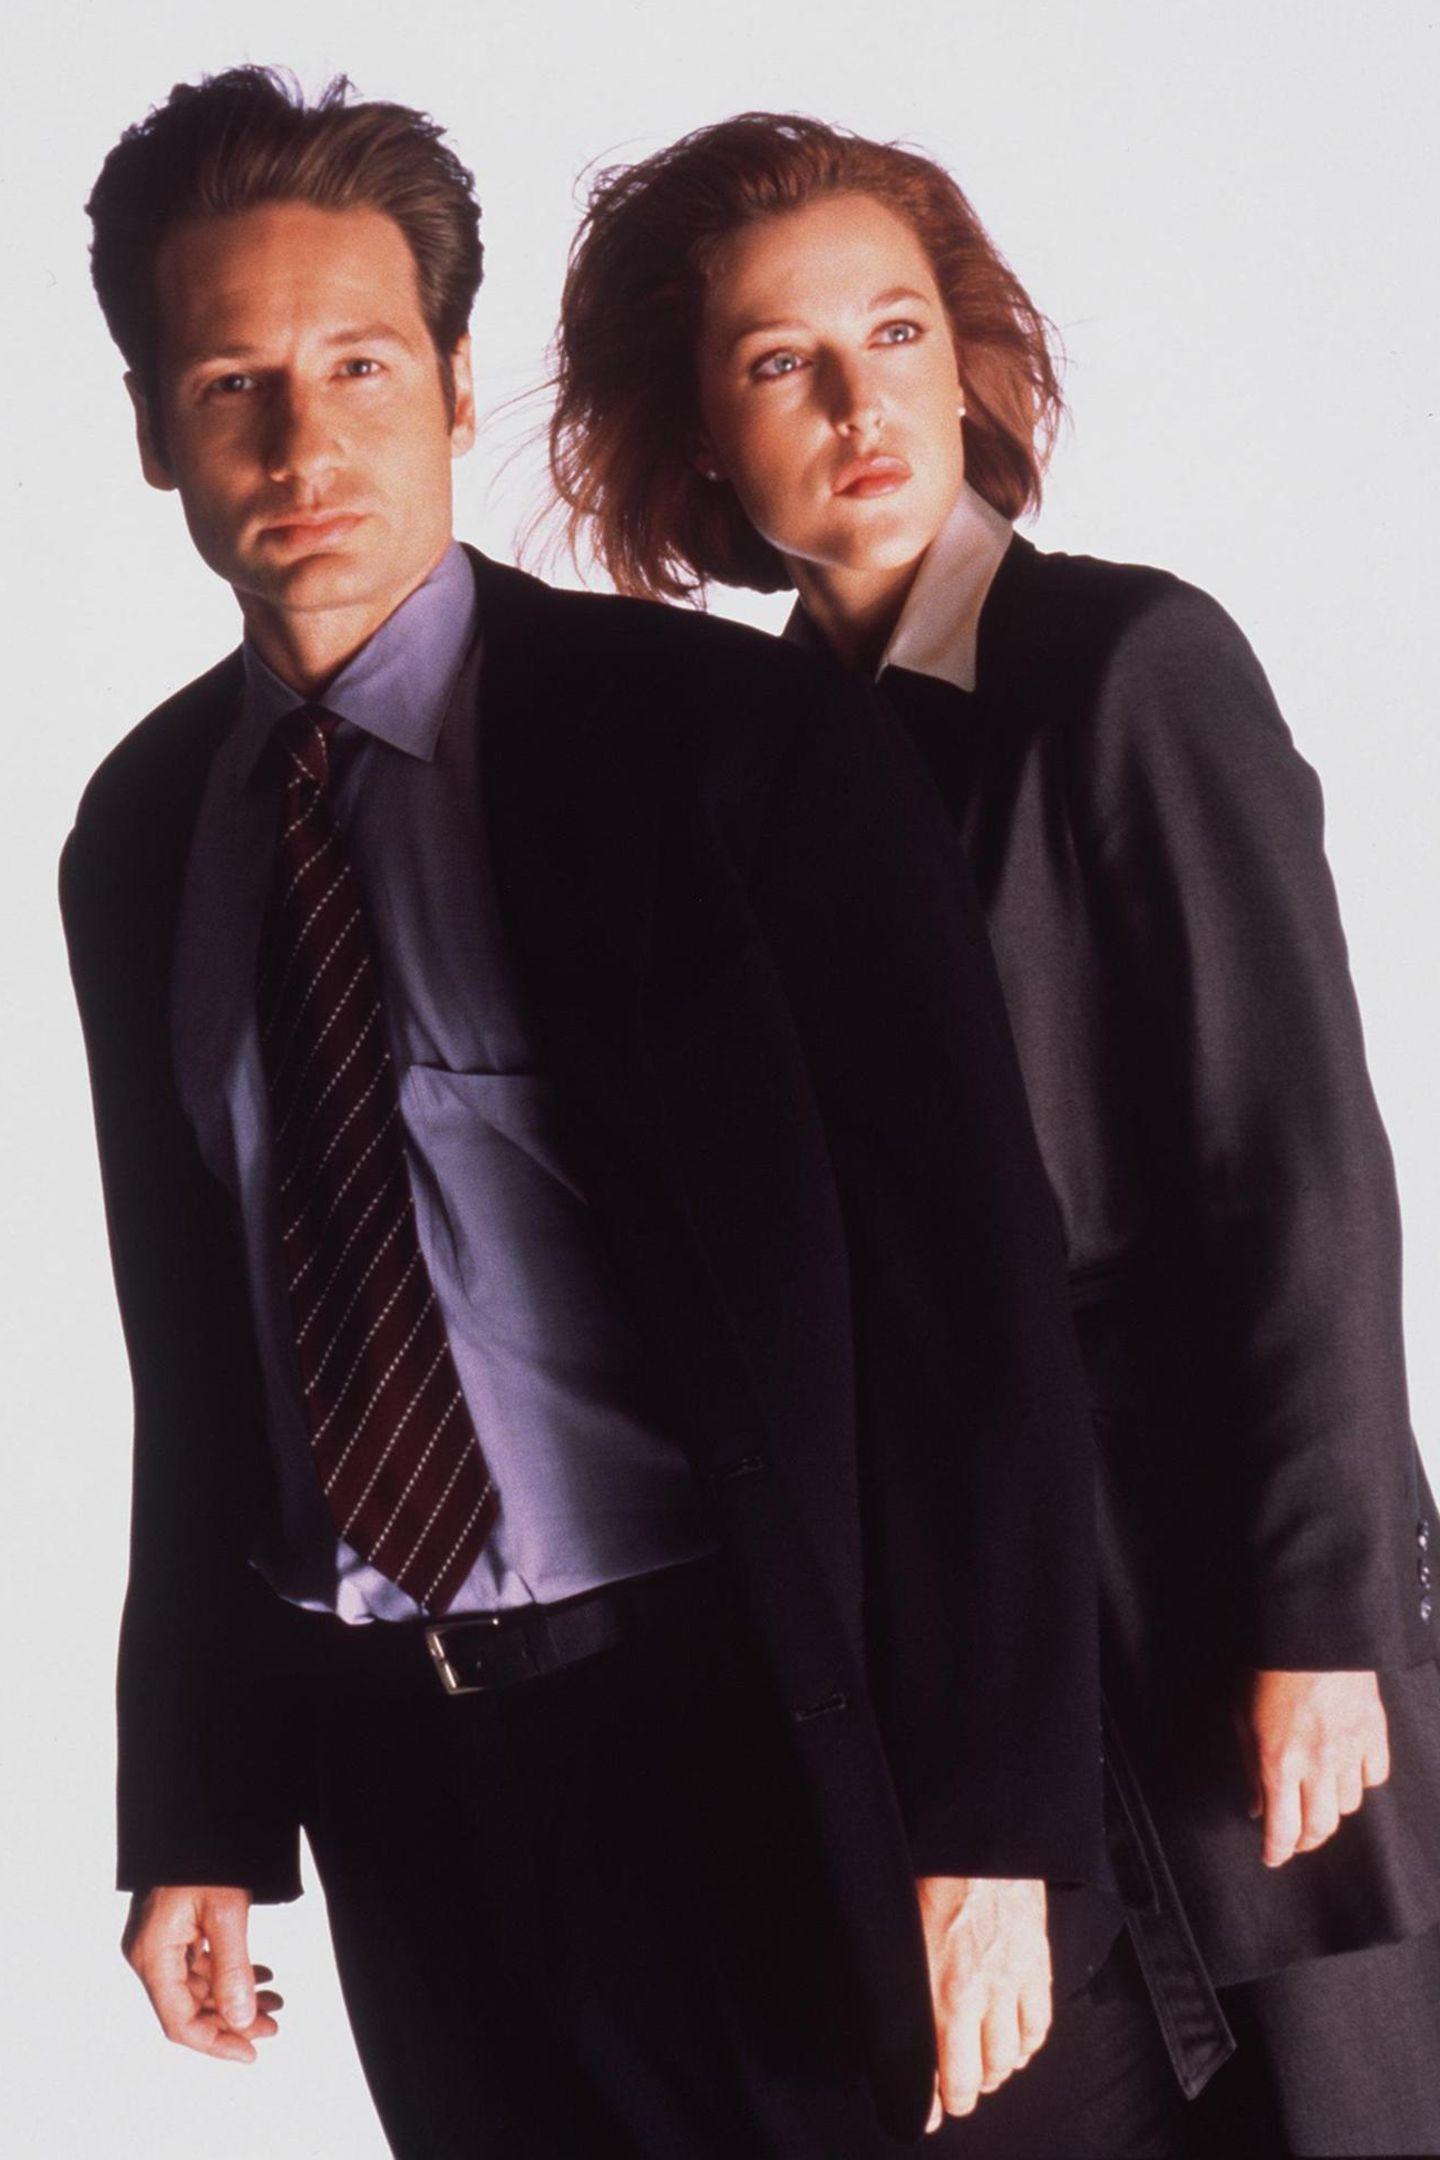 Wurden innerhalb kürzester Zeit zu Kult-Ermittlern: Die FBI-Agenten Fox Mulder (David Duchovny) und Dana Scully (Gillian Anderson).